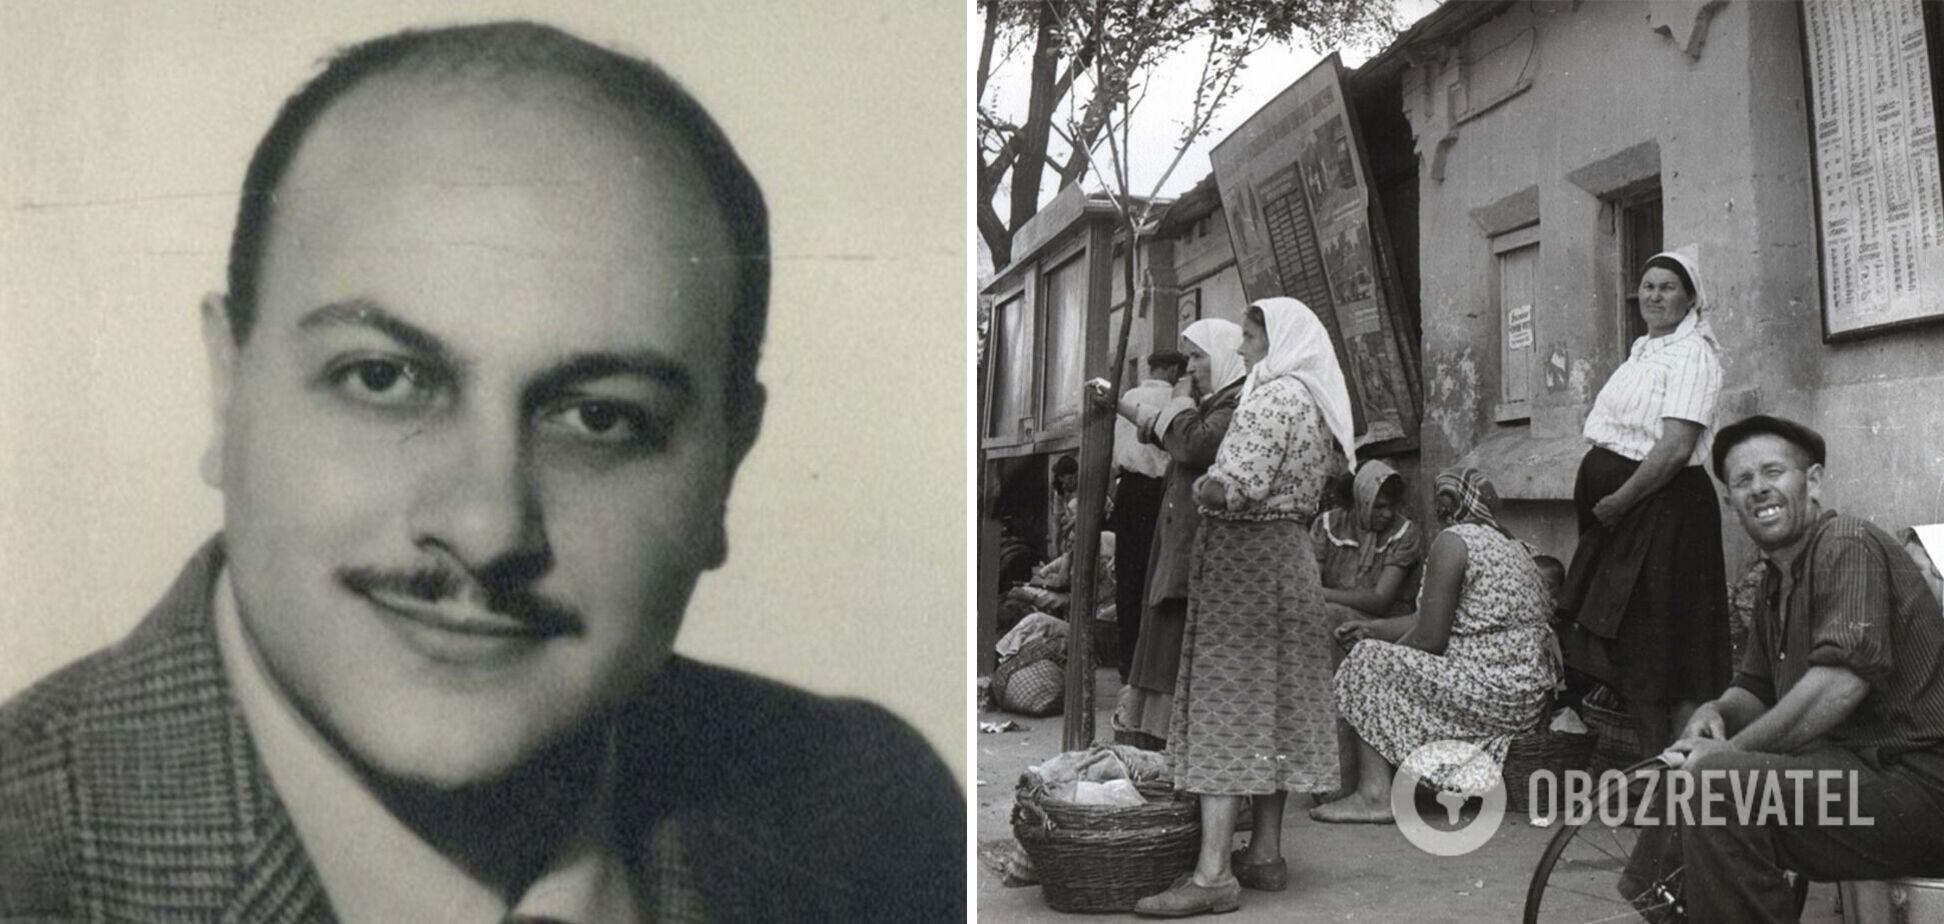 Галеотти выслали из СССР в 1963 году